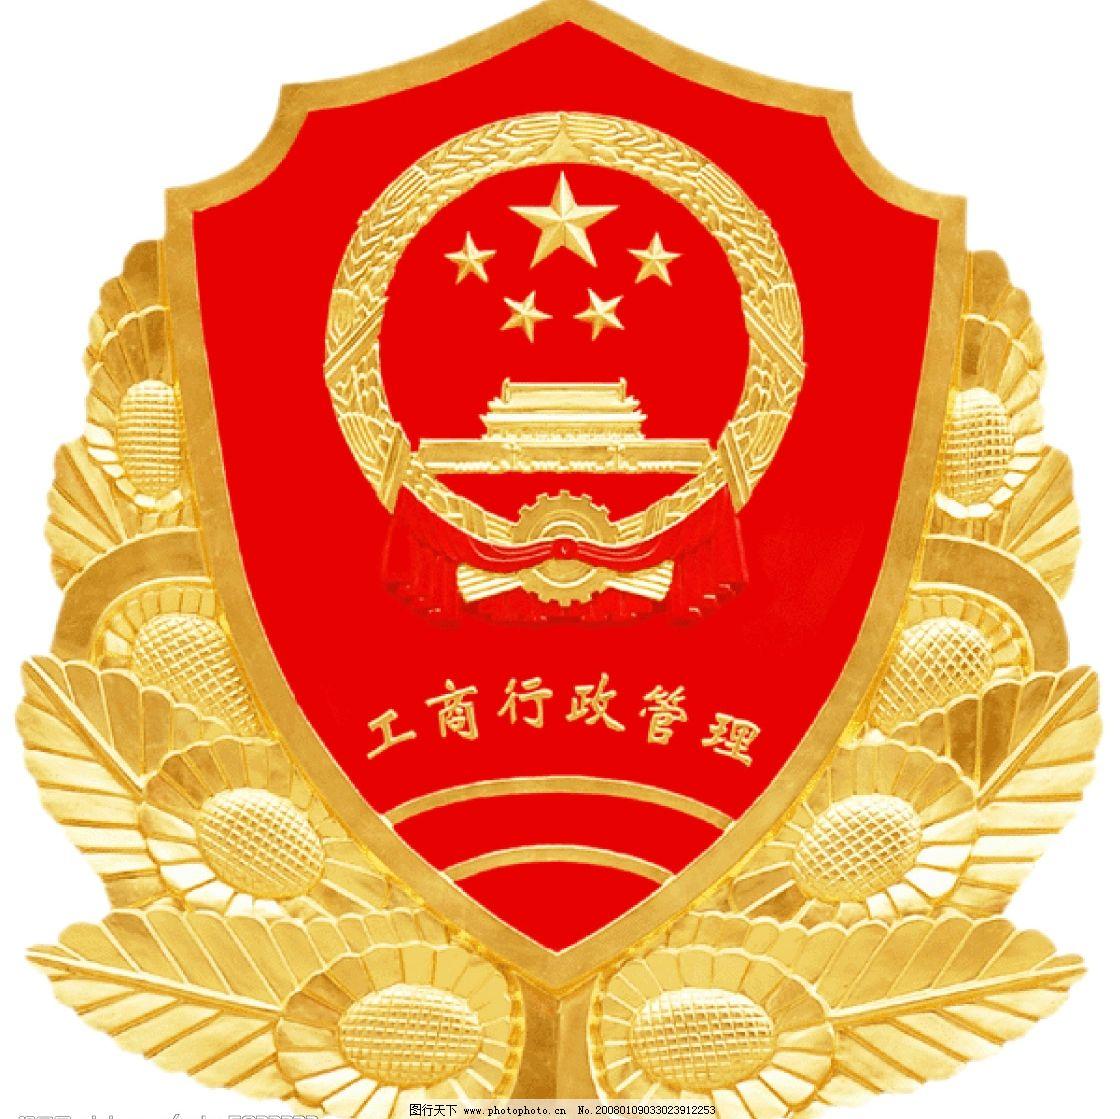 注册道路货运公司、办理道路运输许可证、晖昌通